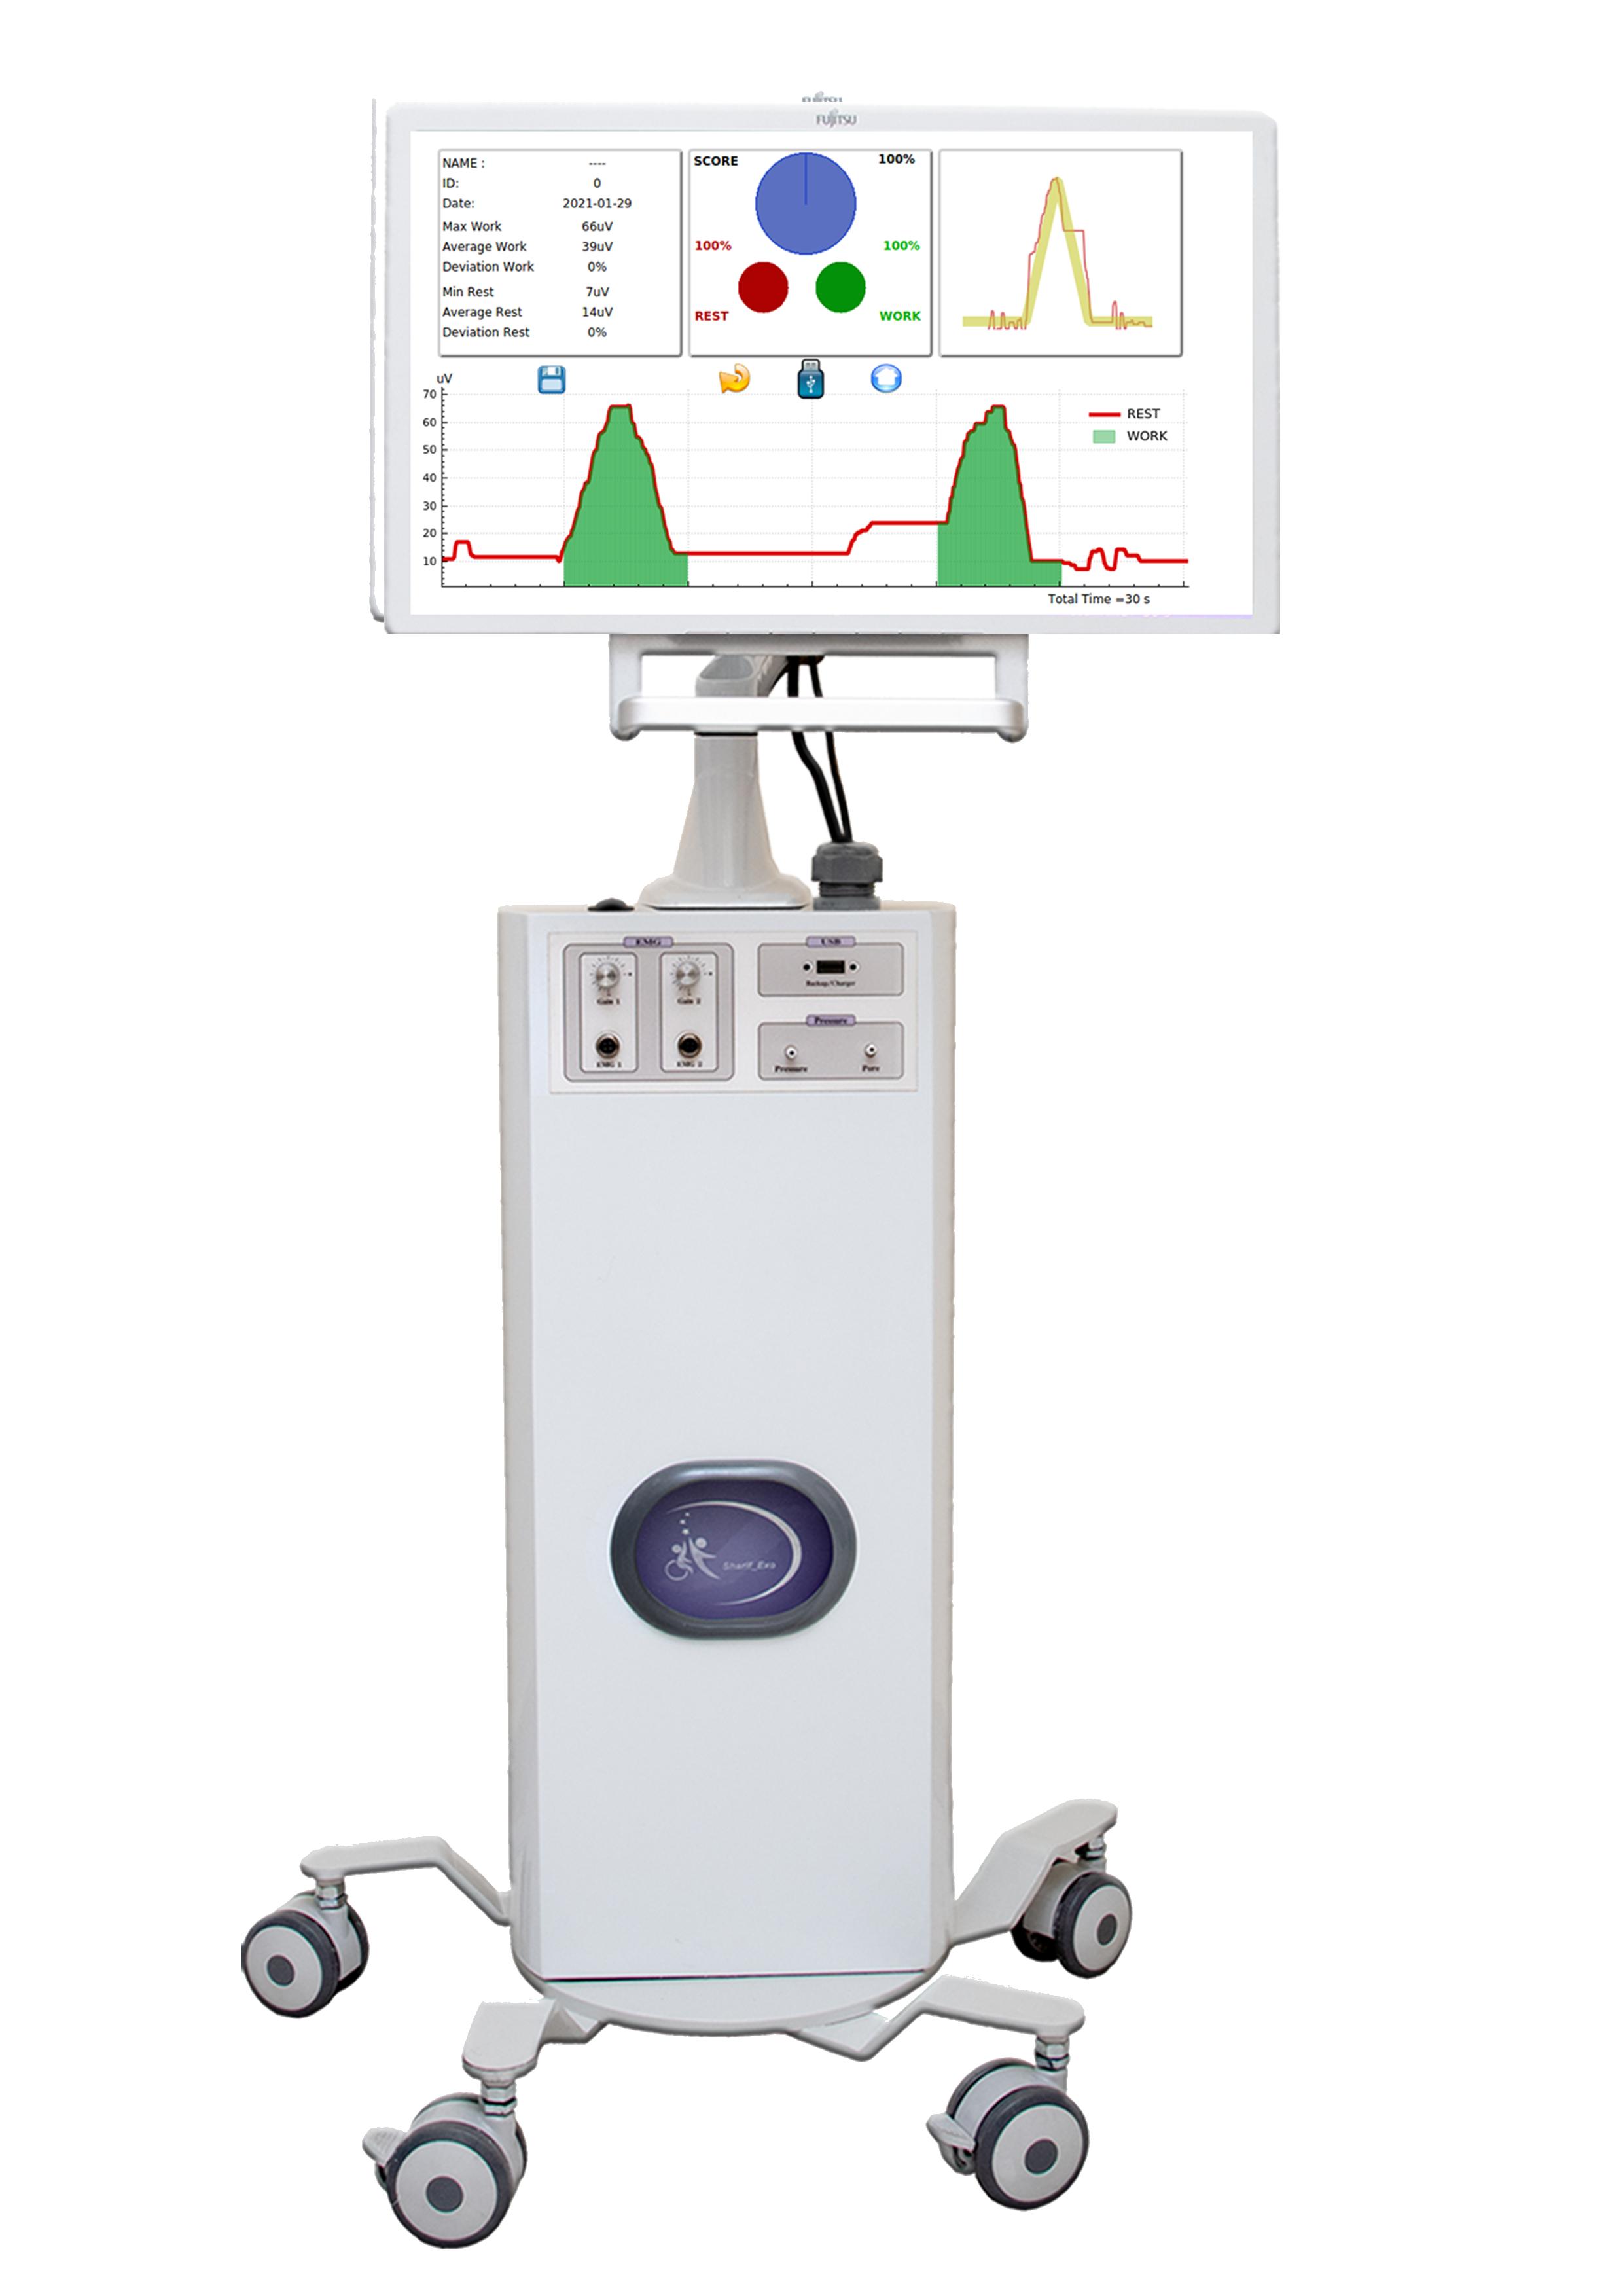 بیوفیدبک کلینیکال رباتیکی مدل اورانوس